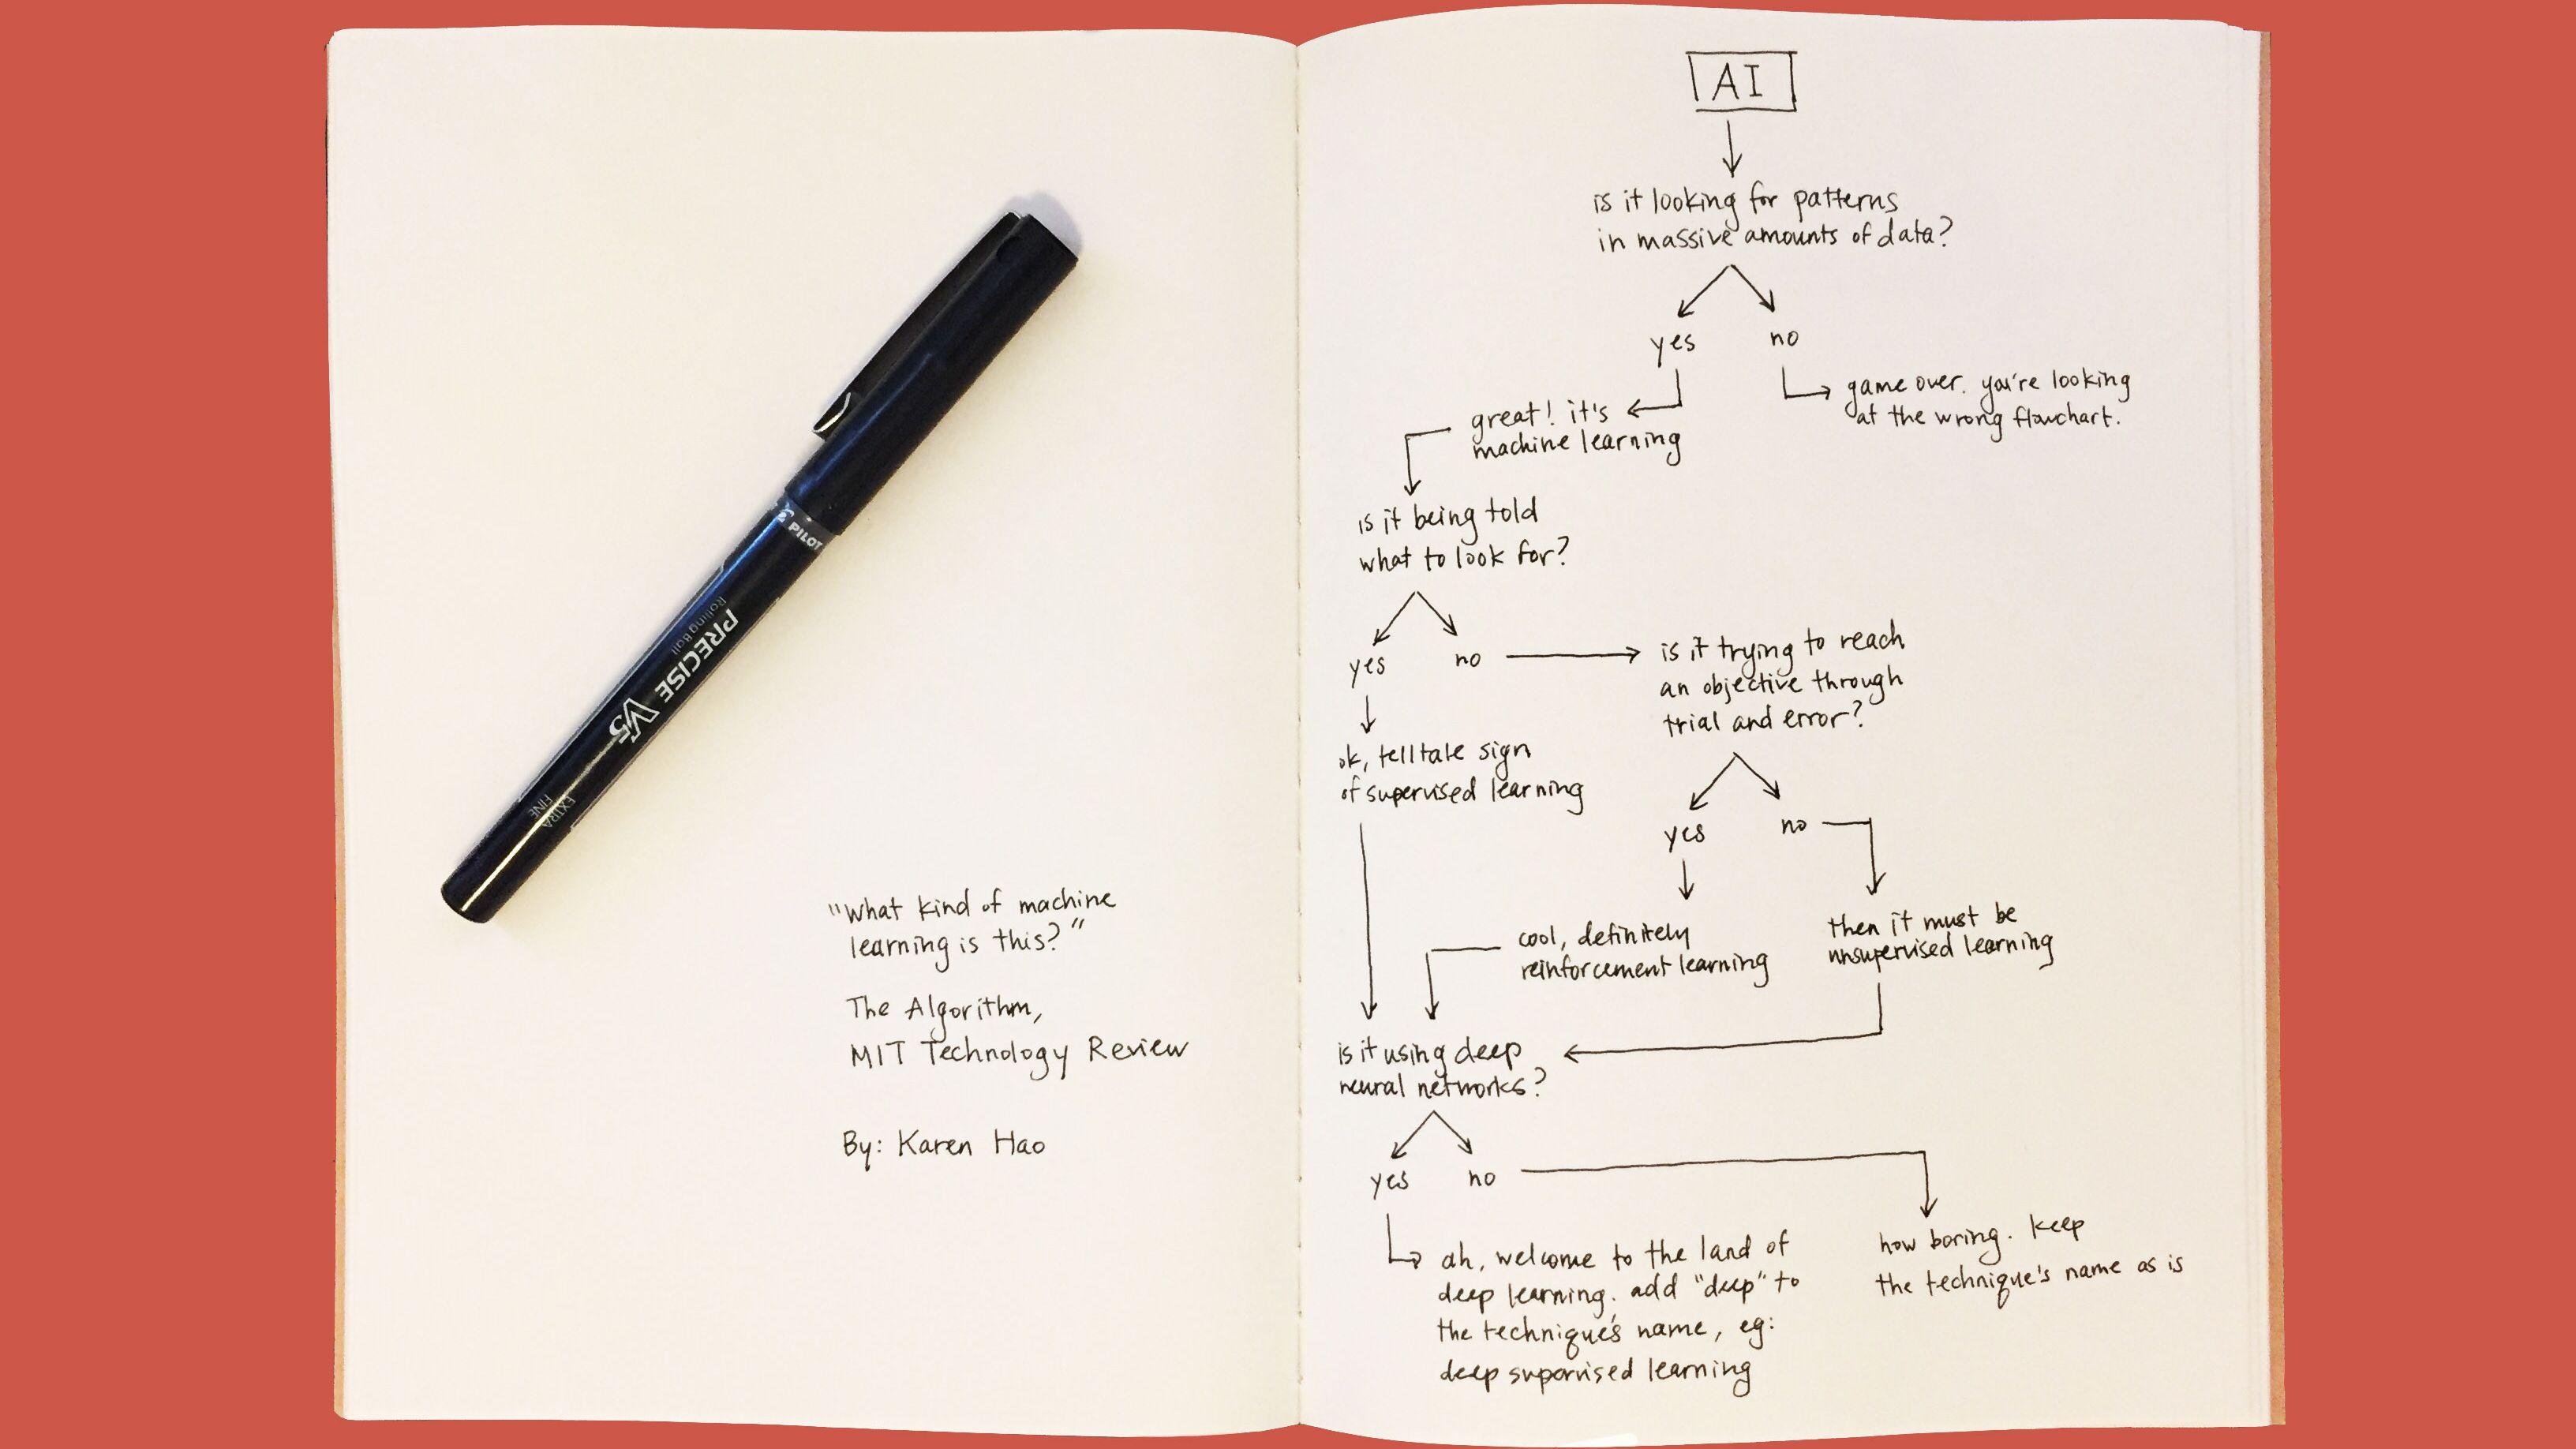 いまさら聞けない「機械学習」とは何か?フロー図を描いてみた